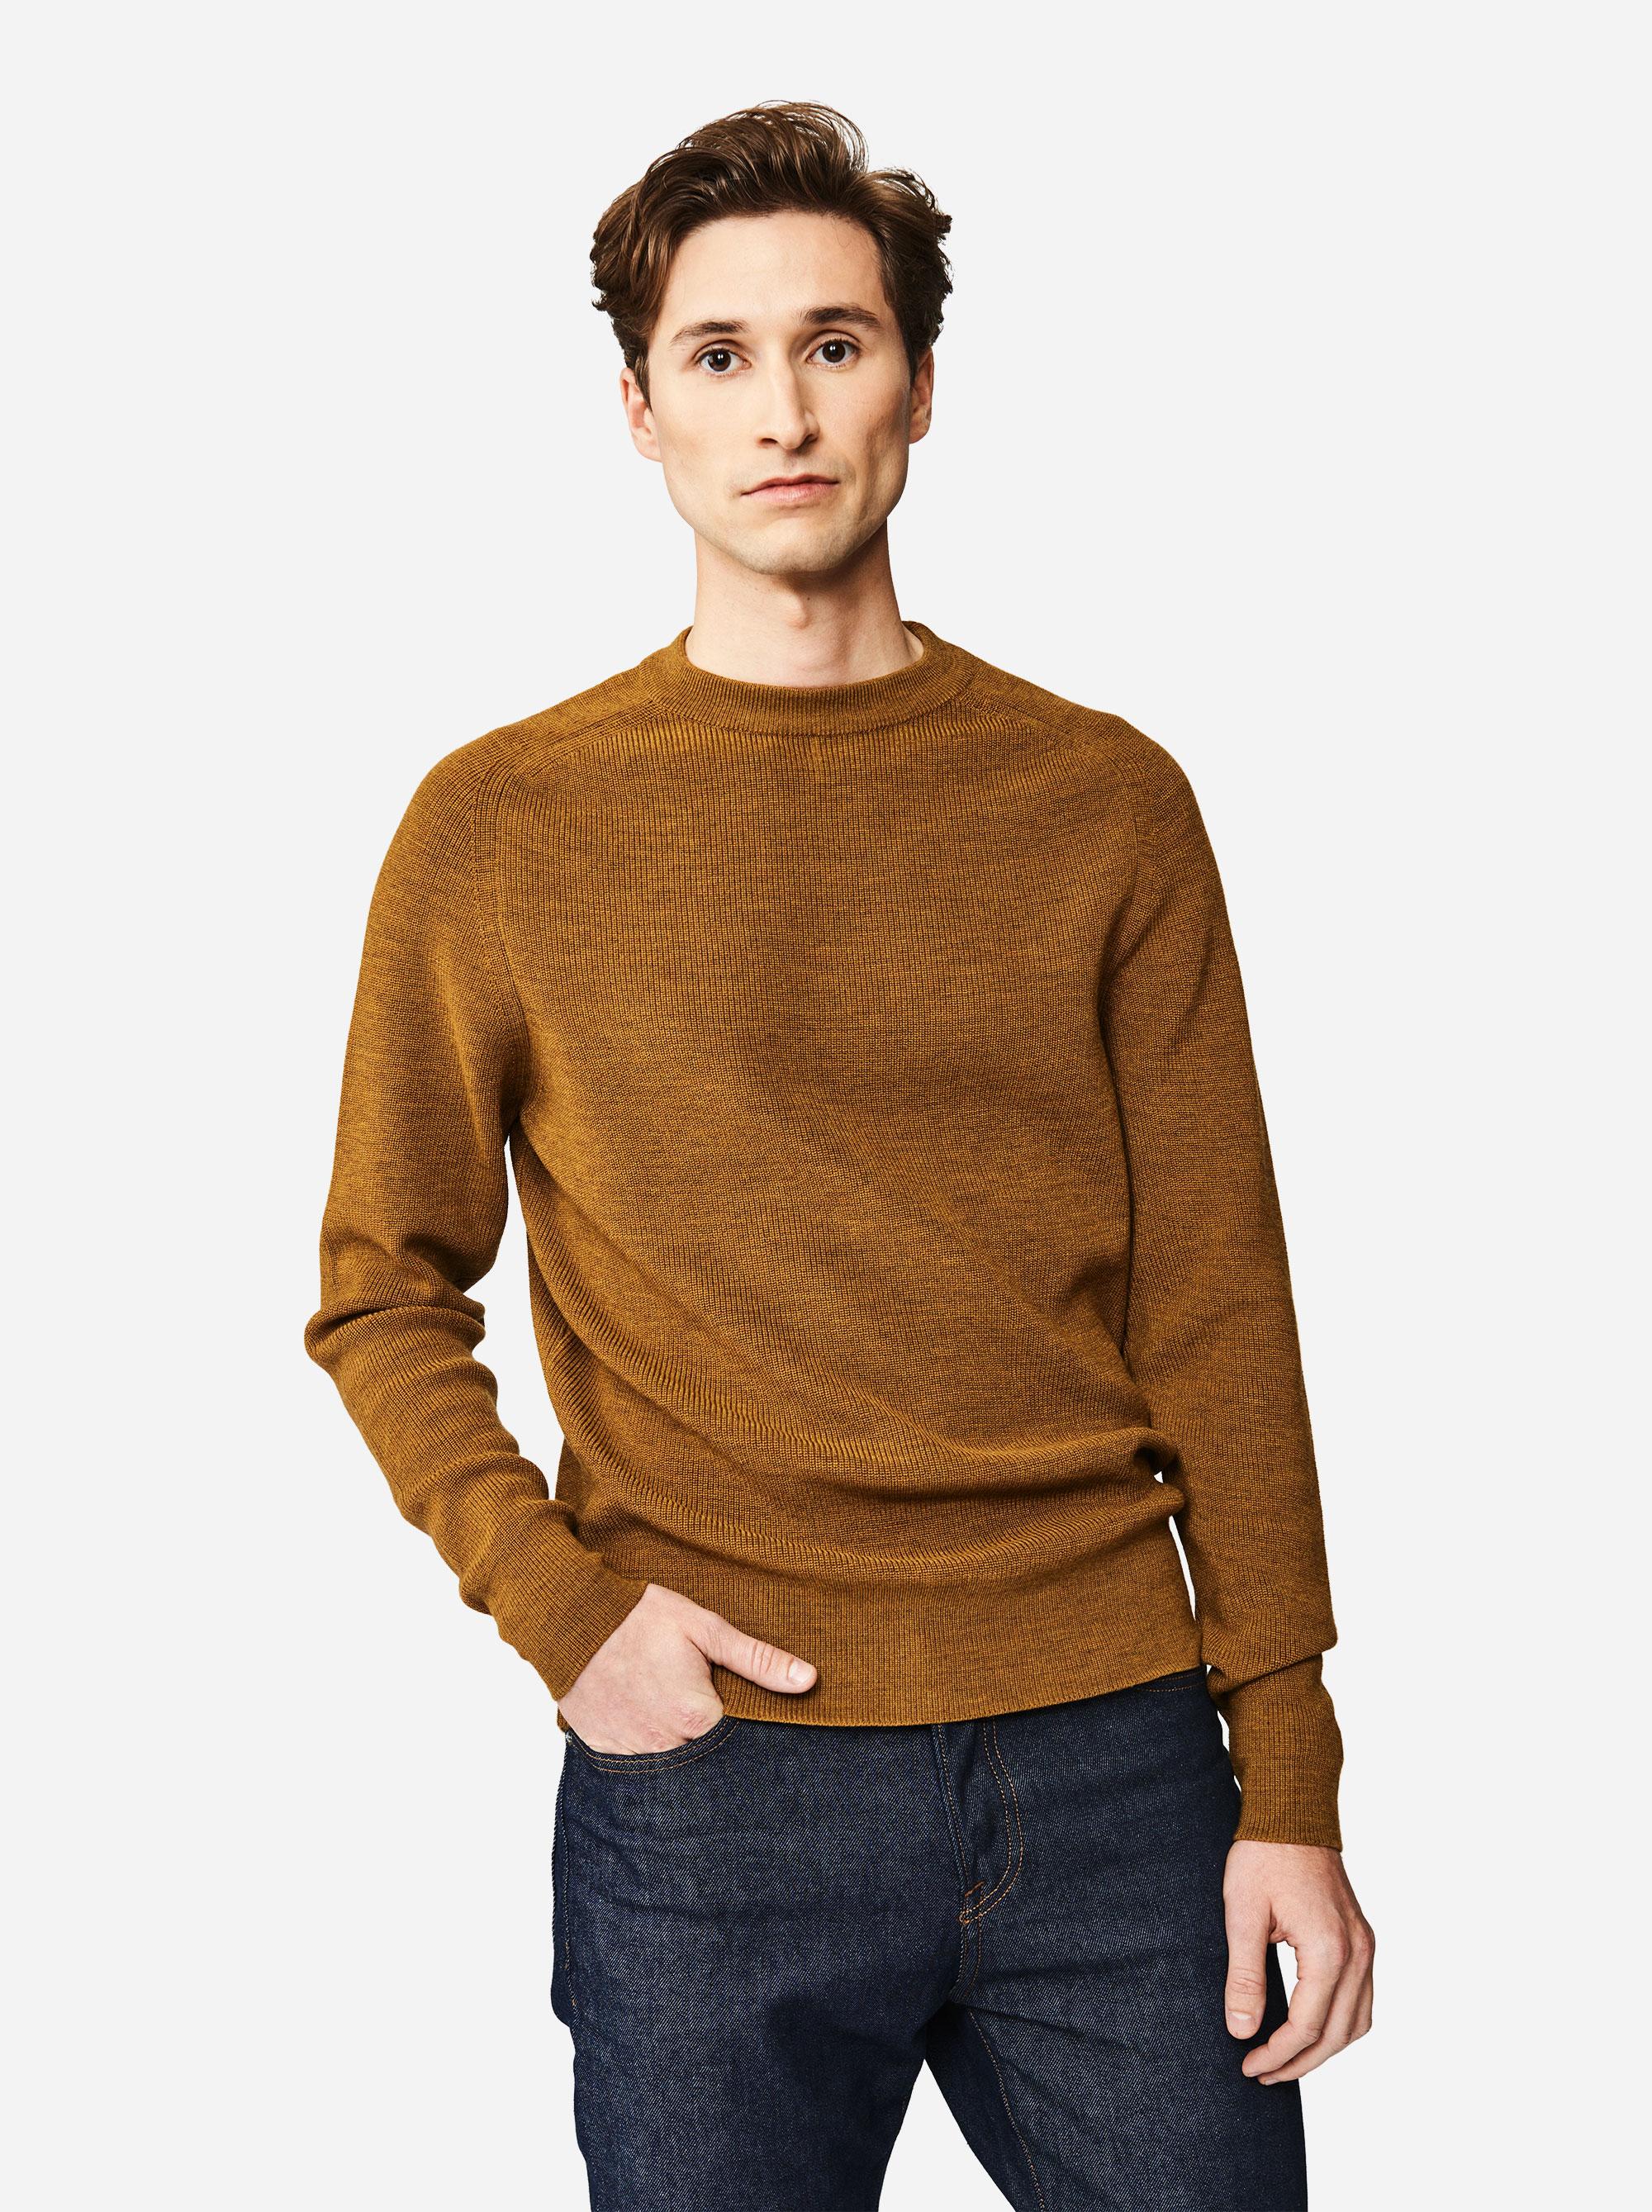 Teym - The Merino Sweater - Men - Mustard - 3